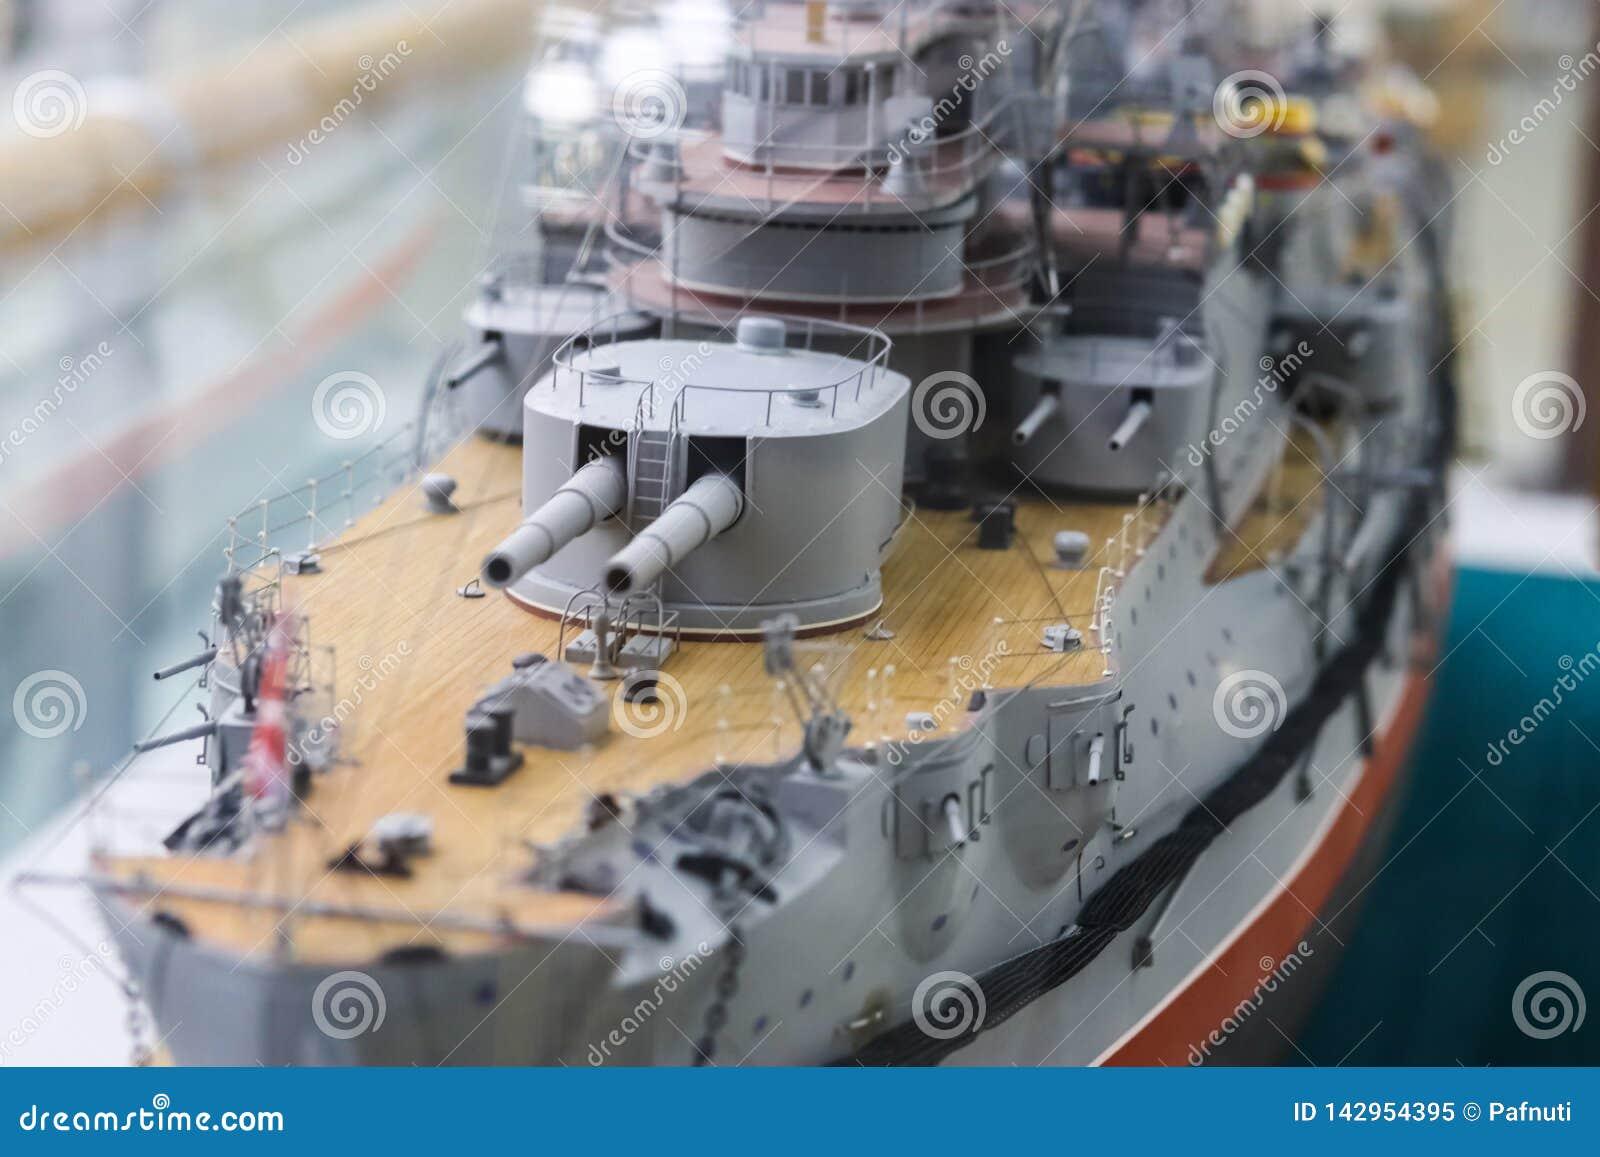 Modell av en gammal krigsskepp